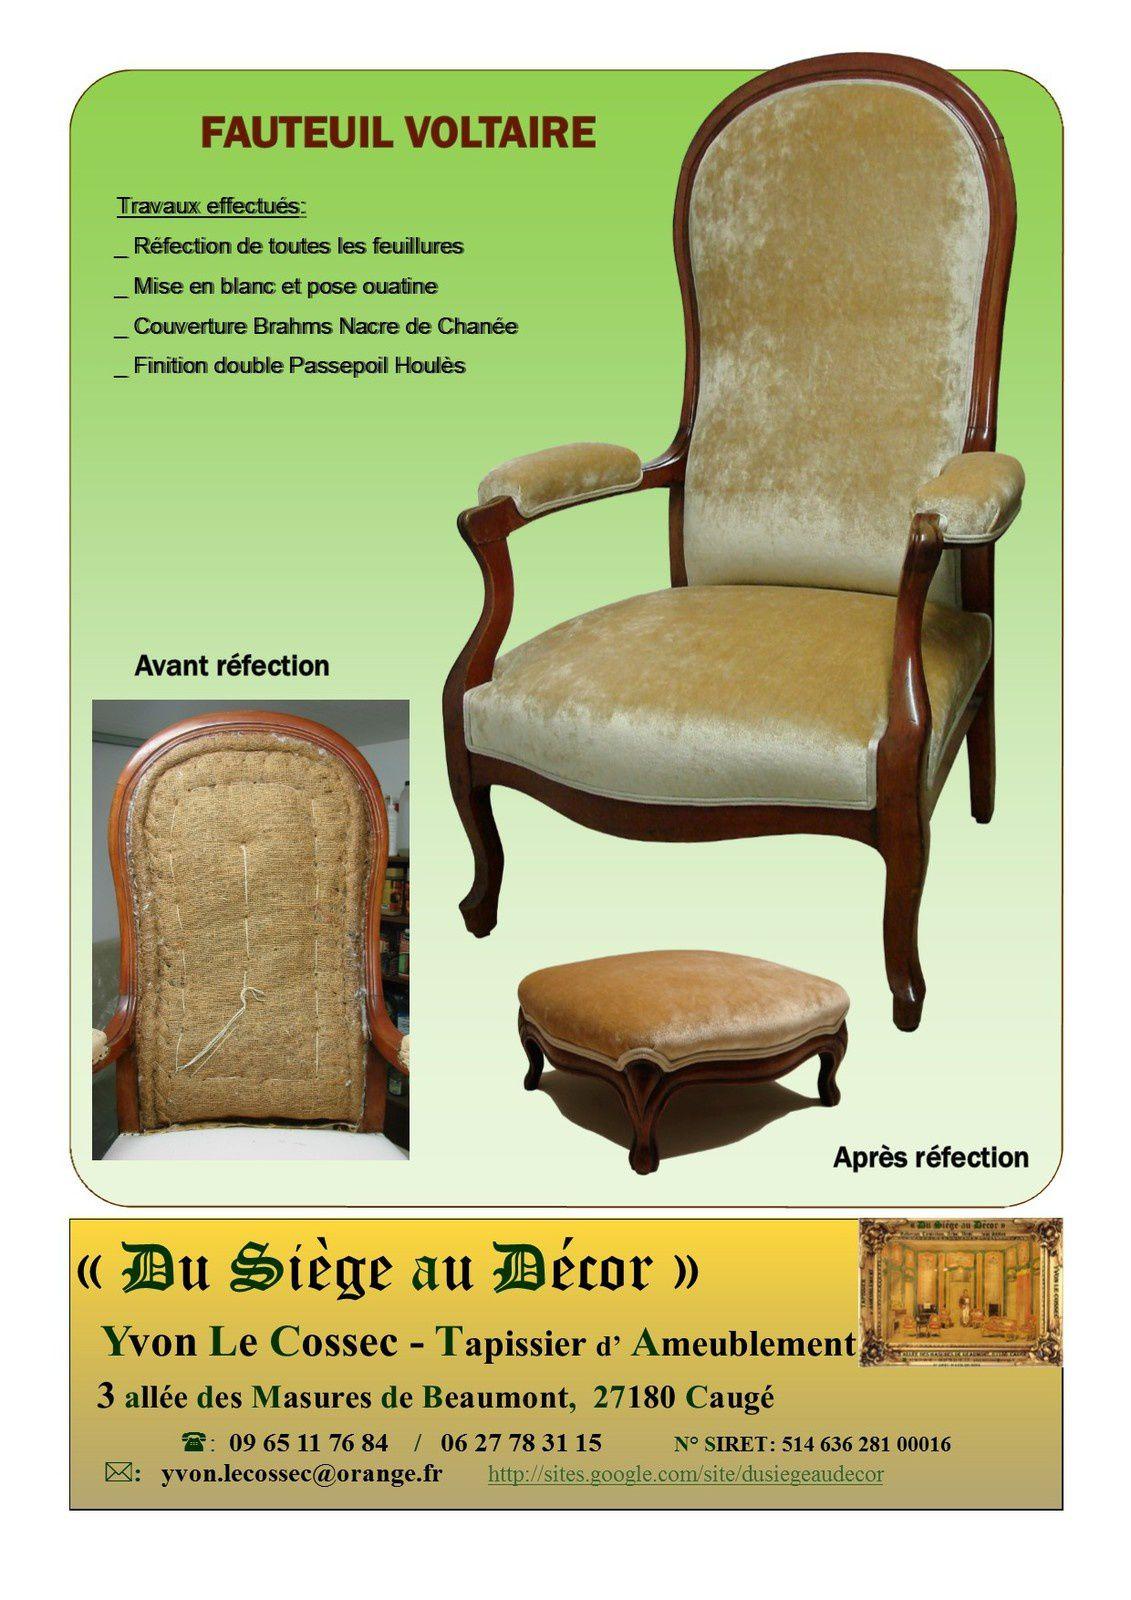 fauteuil voltaire x du si ge au d cor tapissier d 39 ameublement du si ge au d cor. Black Bedroom Furniture Sets. Home Design Ideas